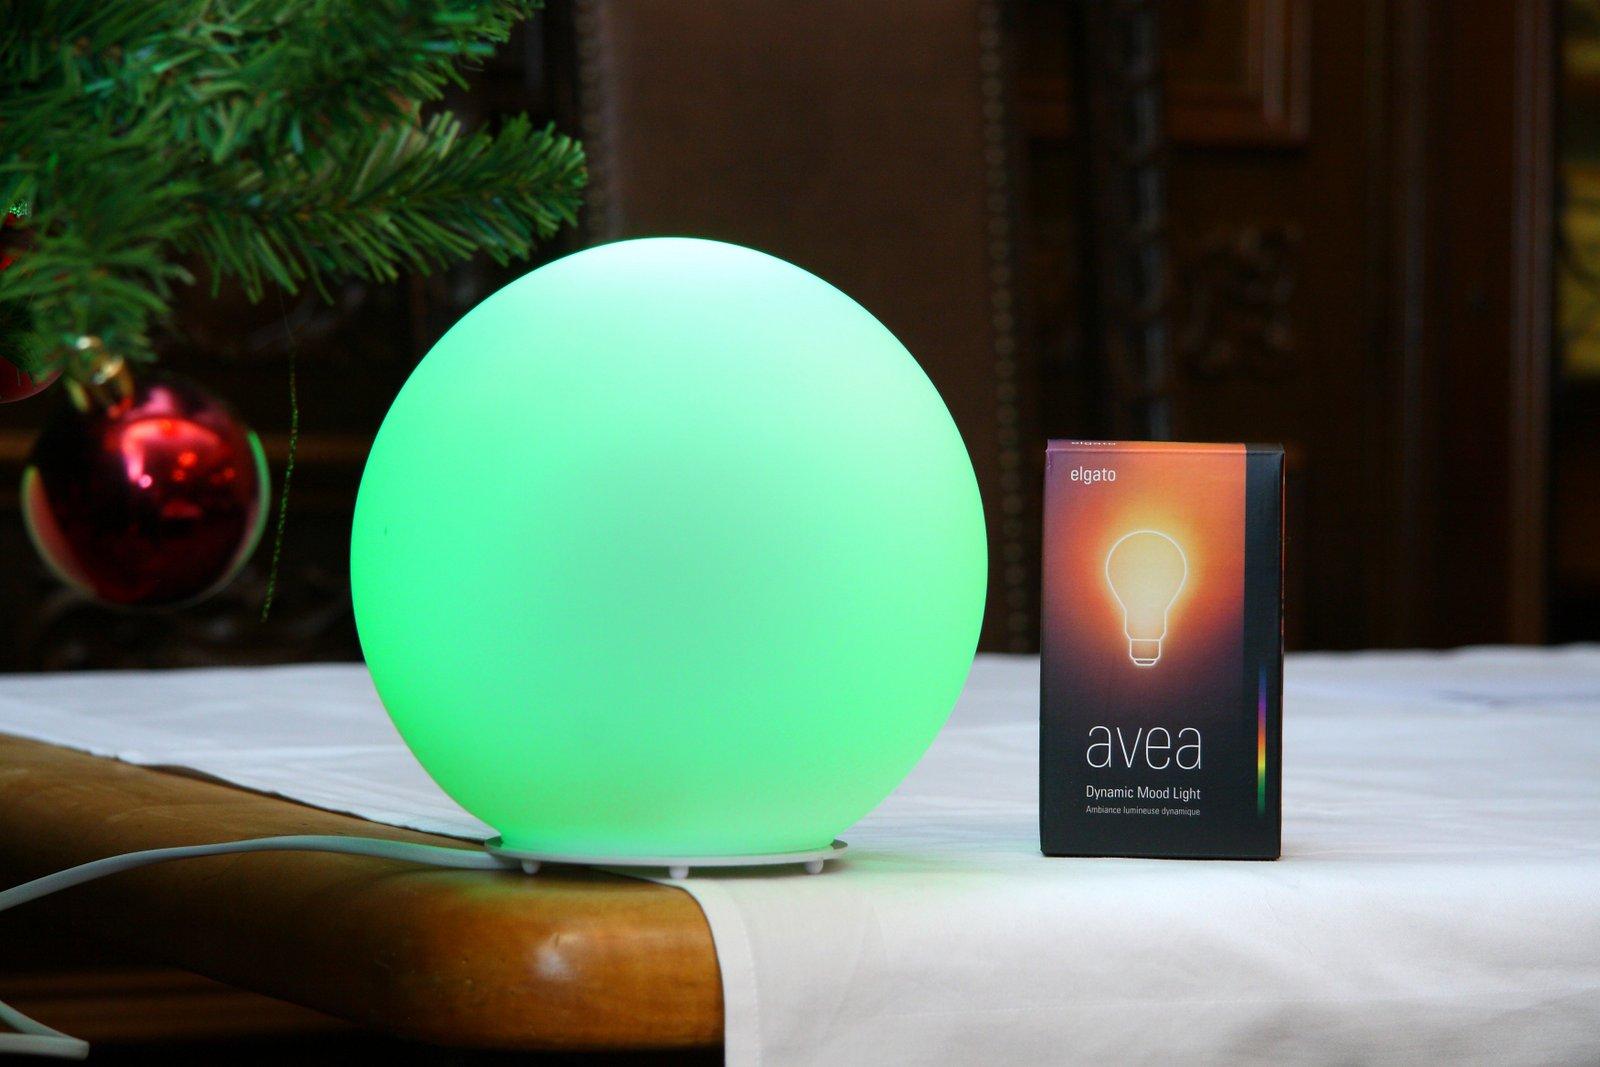 111. Treffen mit Elgato LED Licht Avea